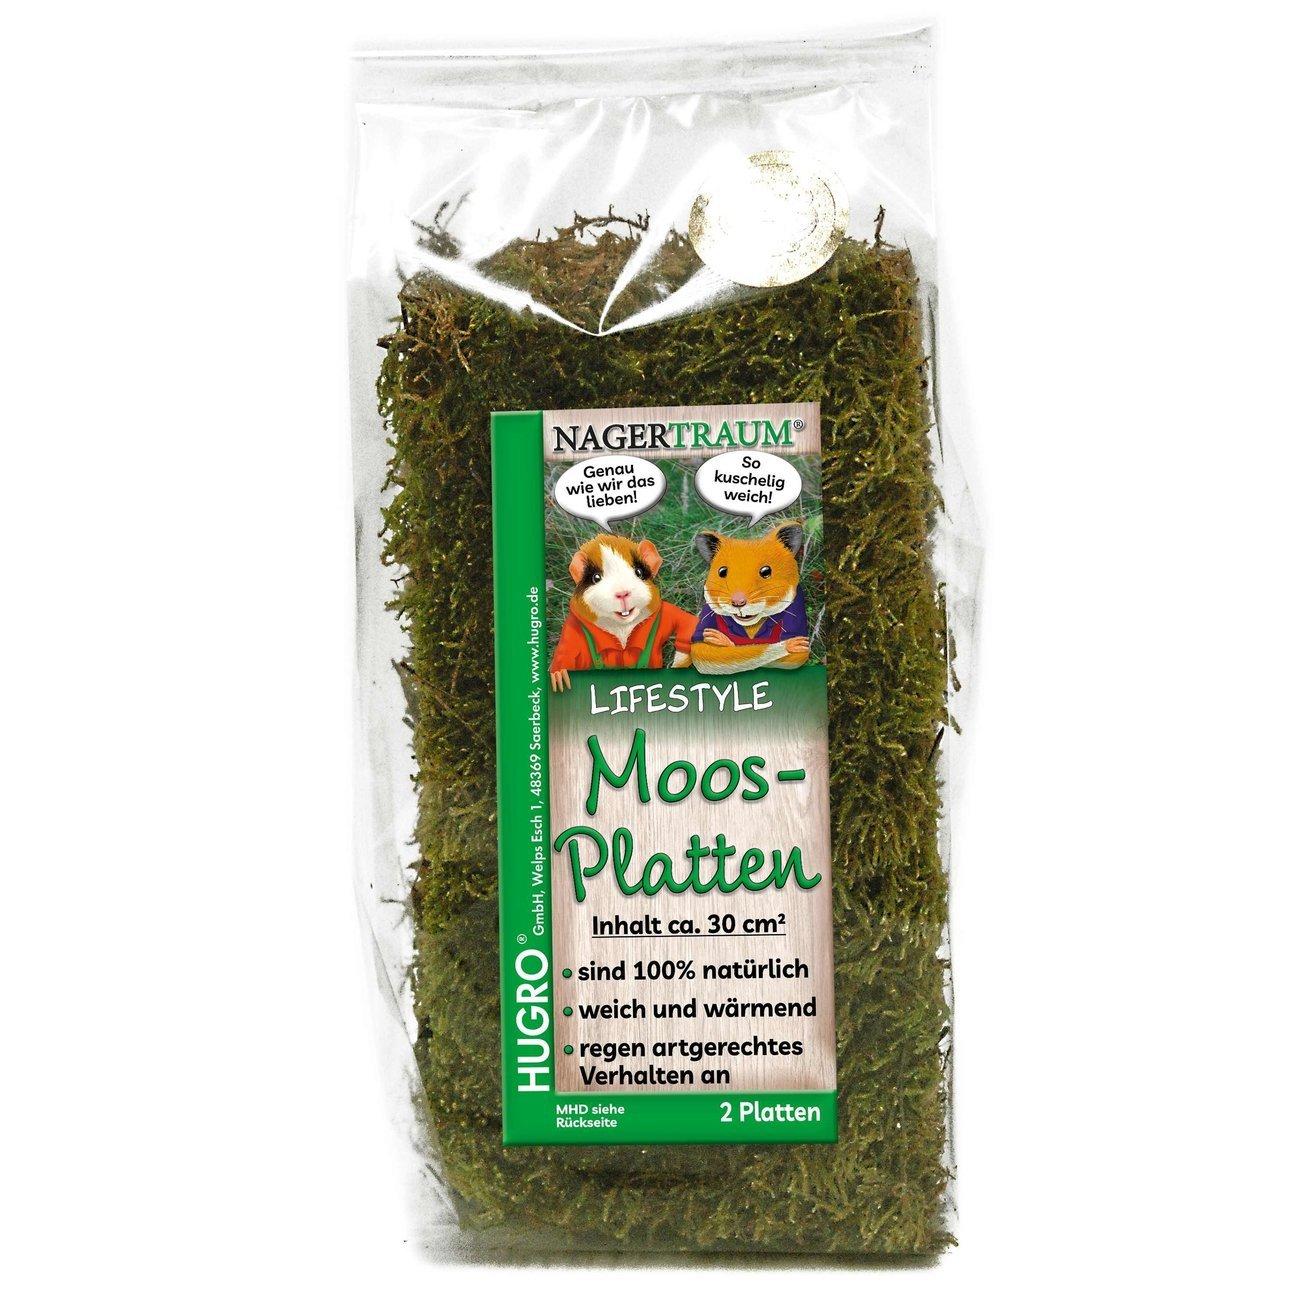 Hugro® Nagertraum Moosplatten, 2 Stück